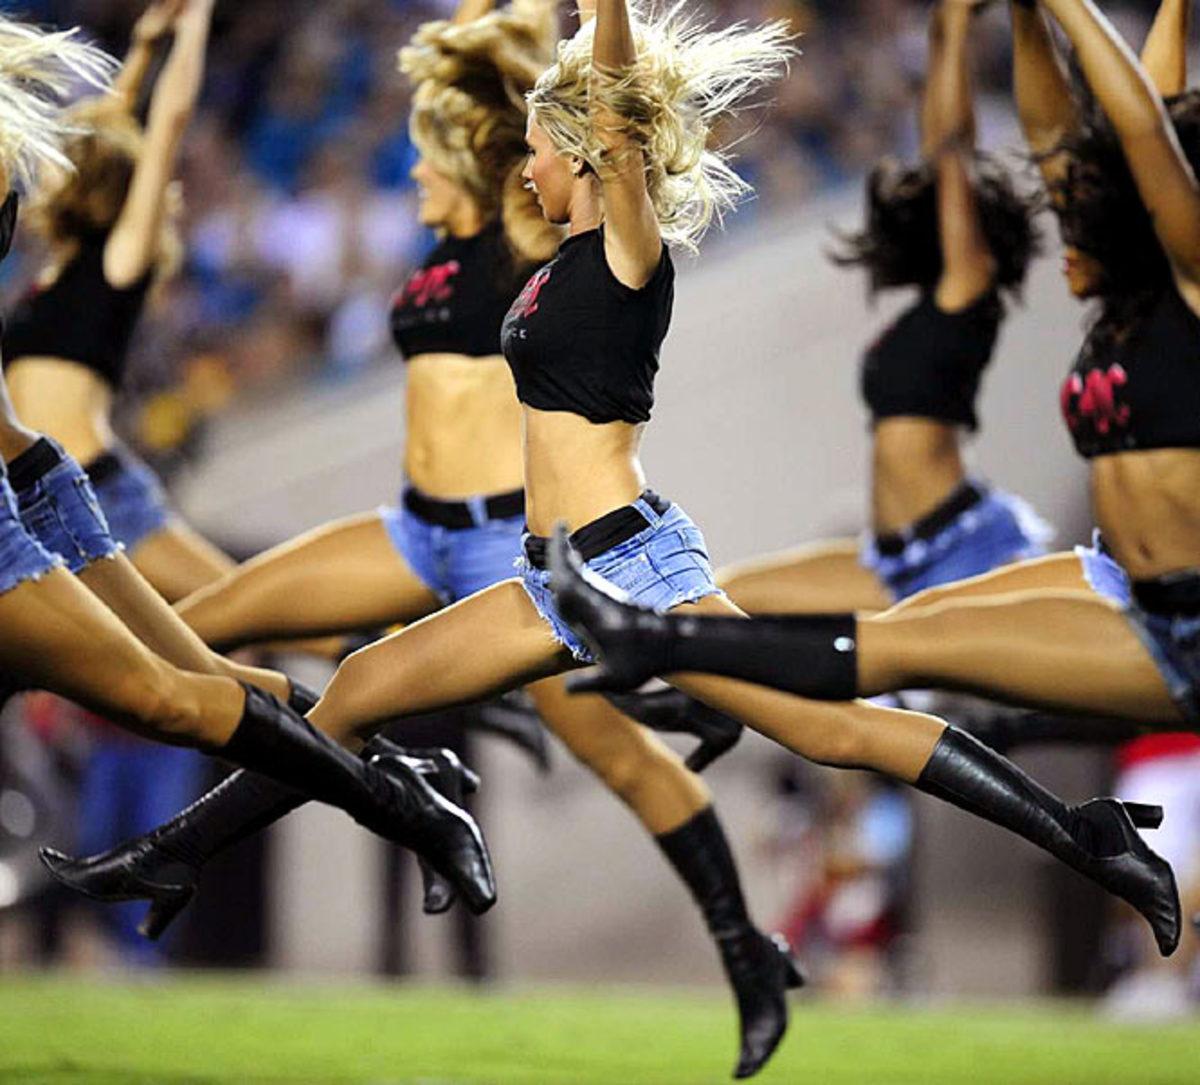 jaguars-cheerleader-kelli%283%29.jpg